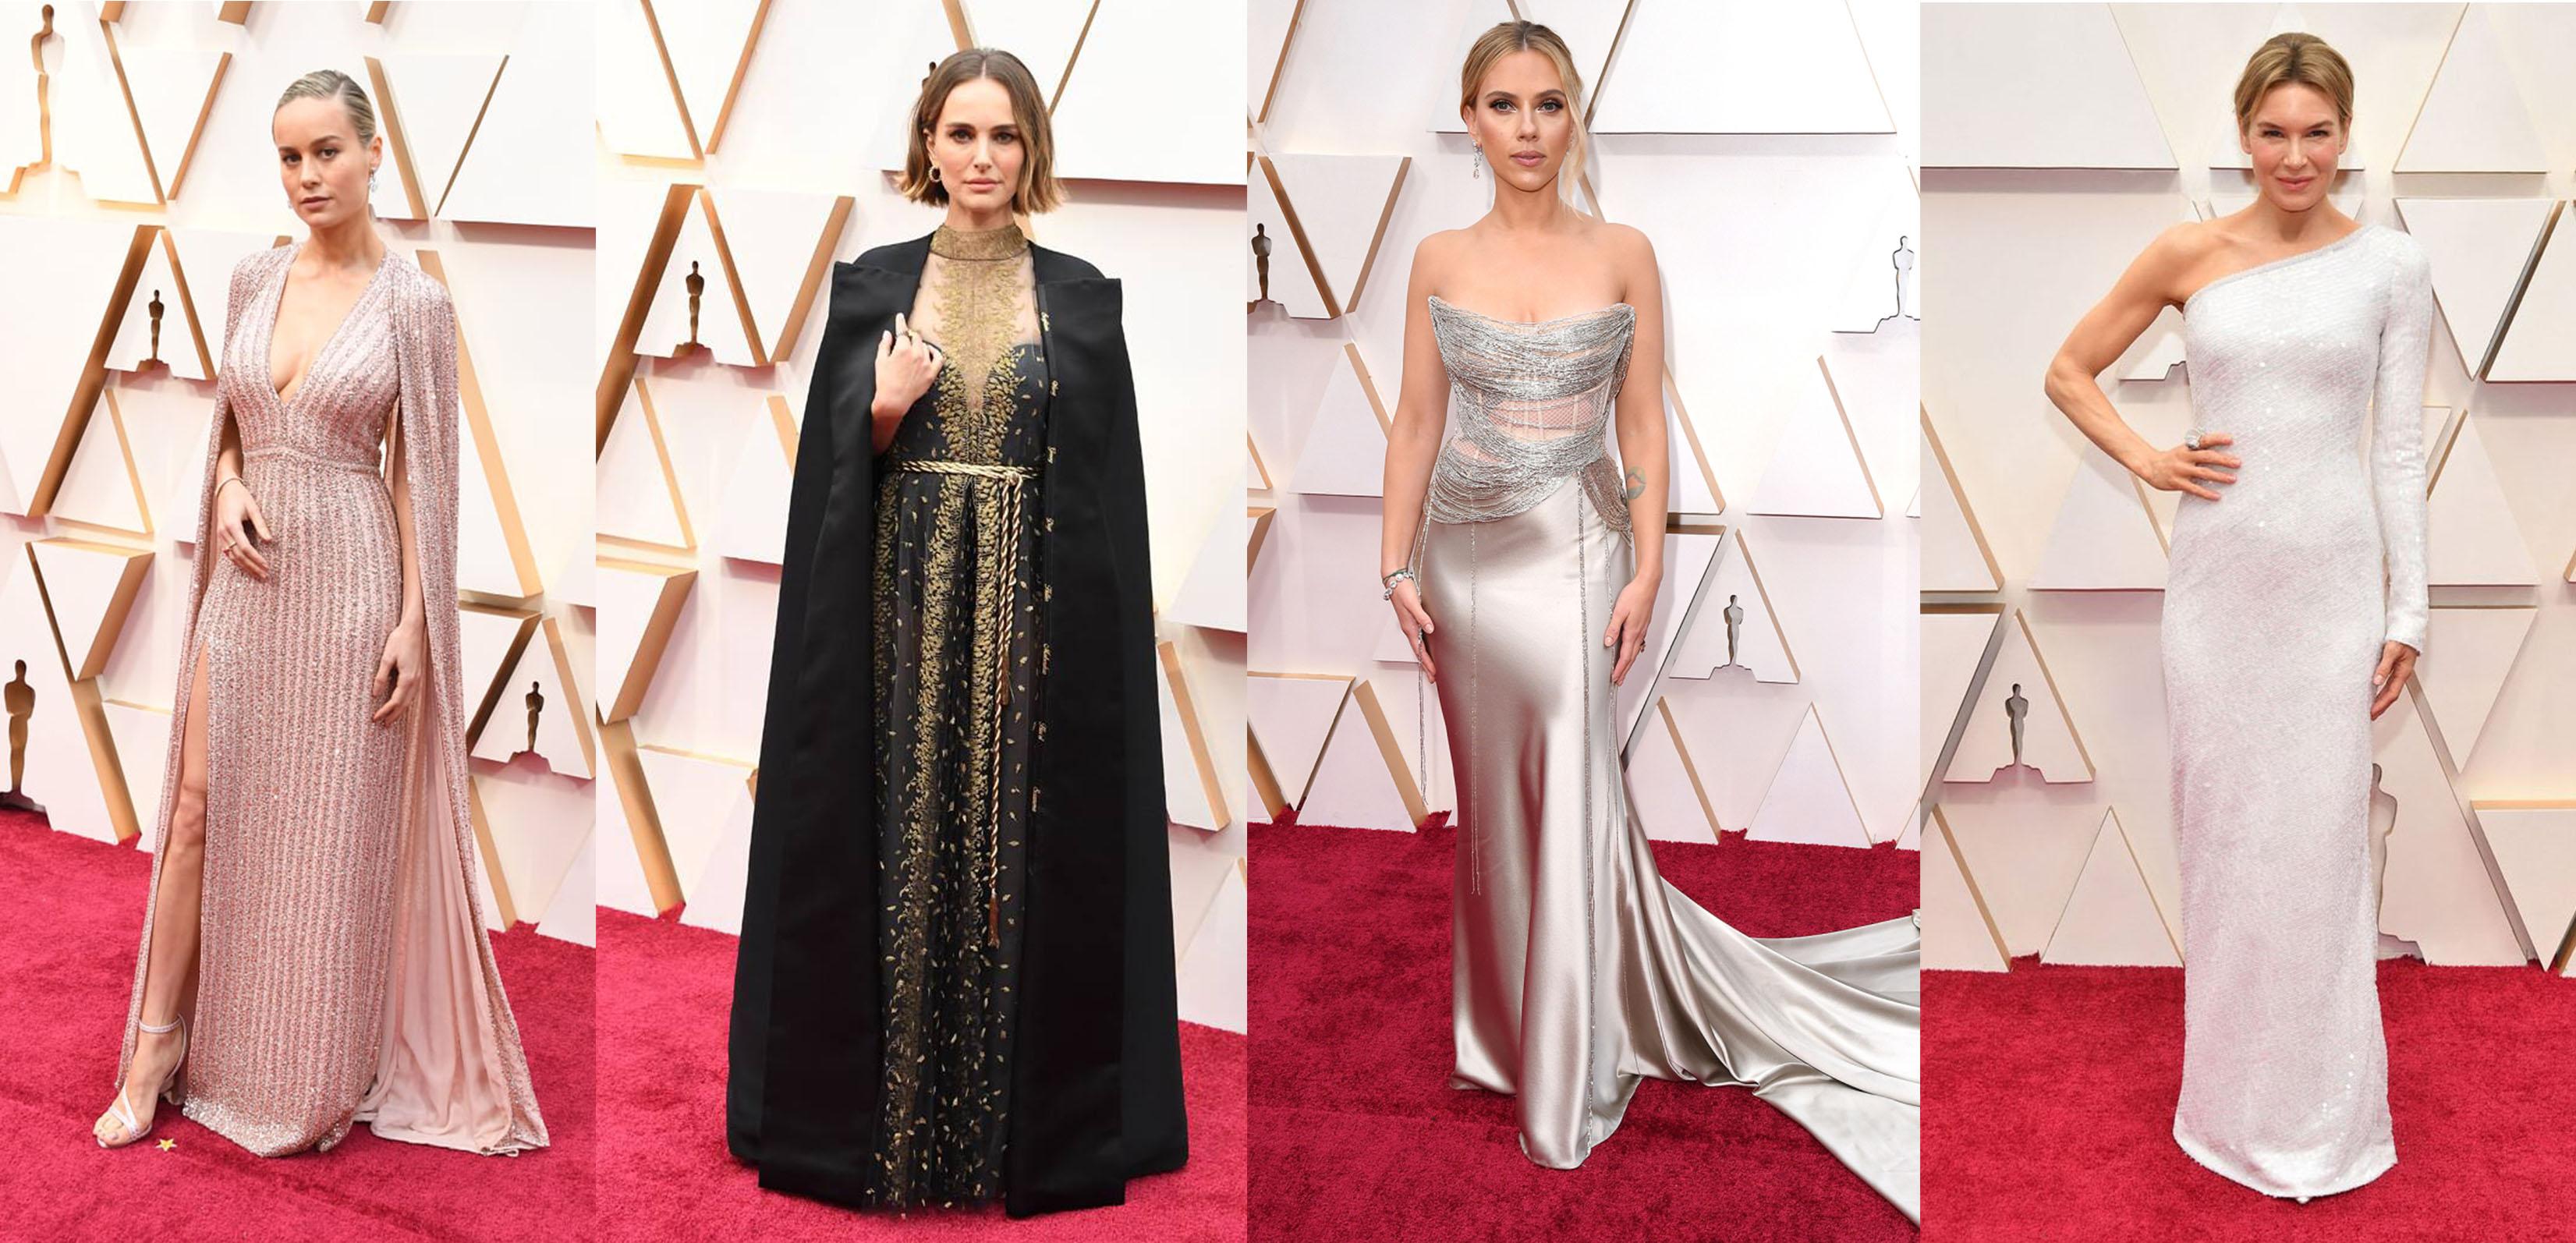 【奧斯卡2020】透視蕾絲、大低V設計讓人驚艷 紅地毯矚目晚裝Top 10